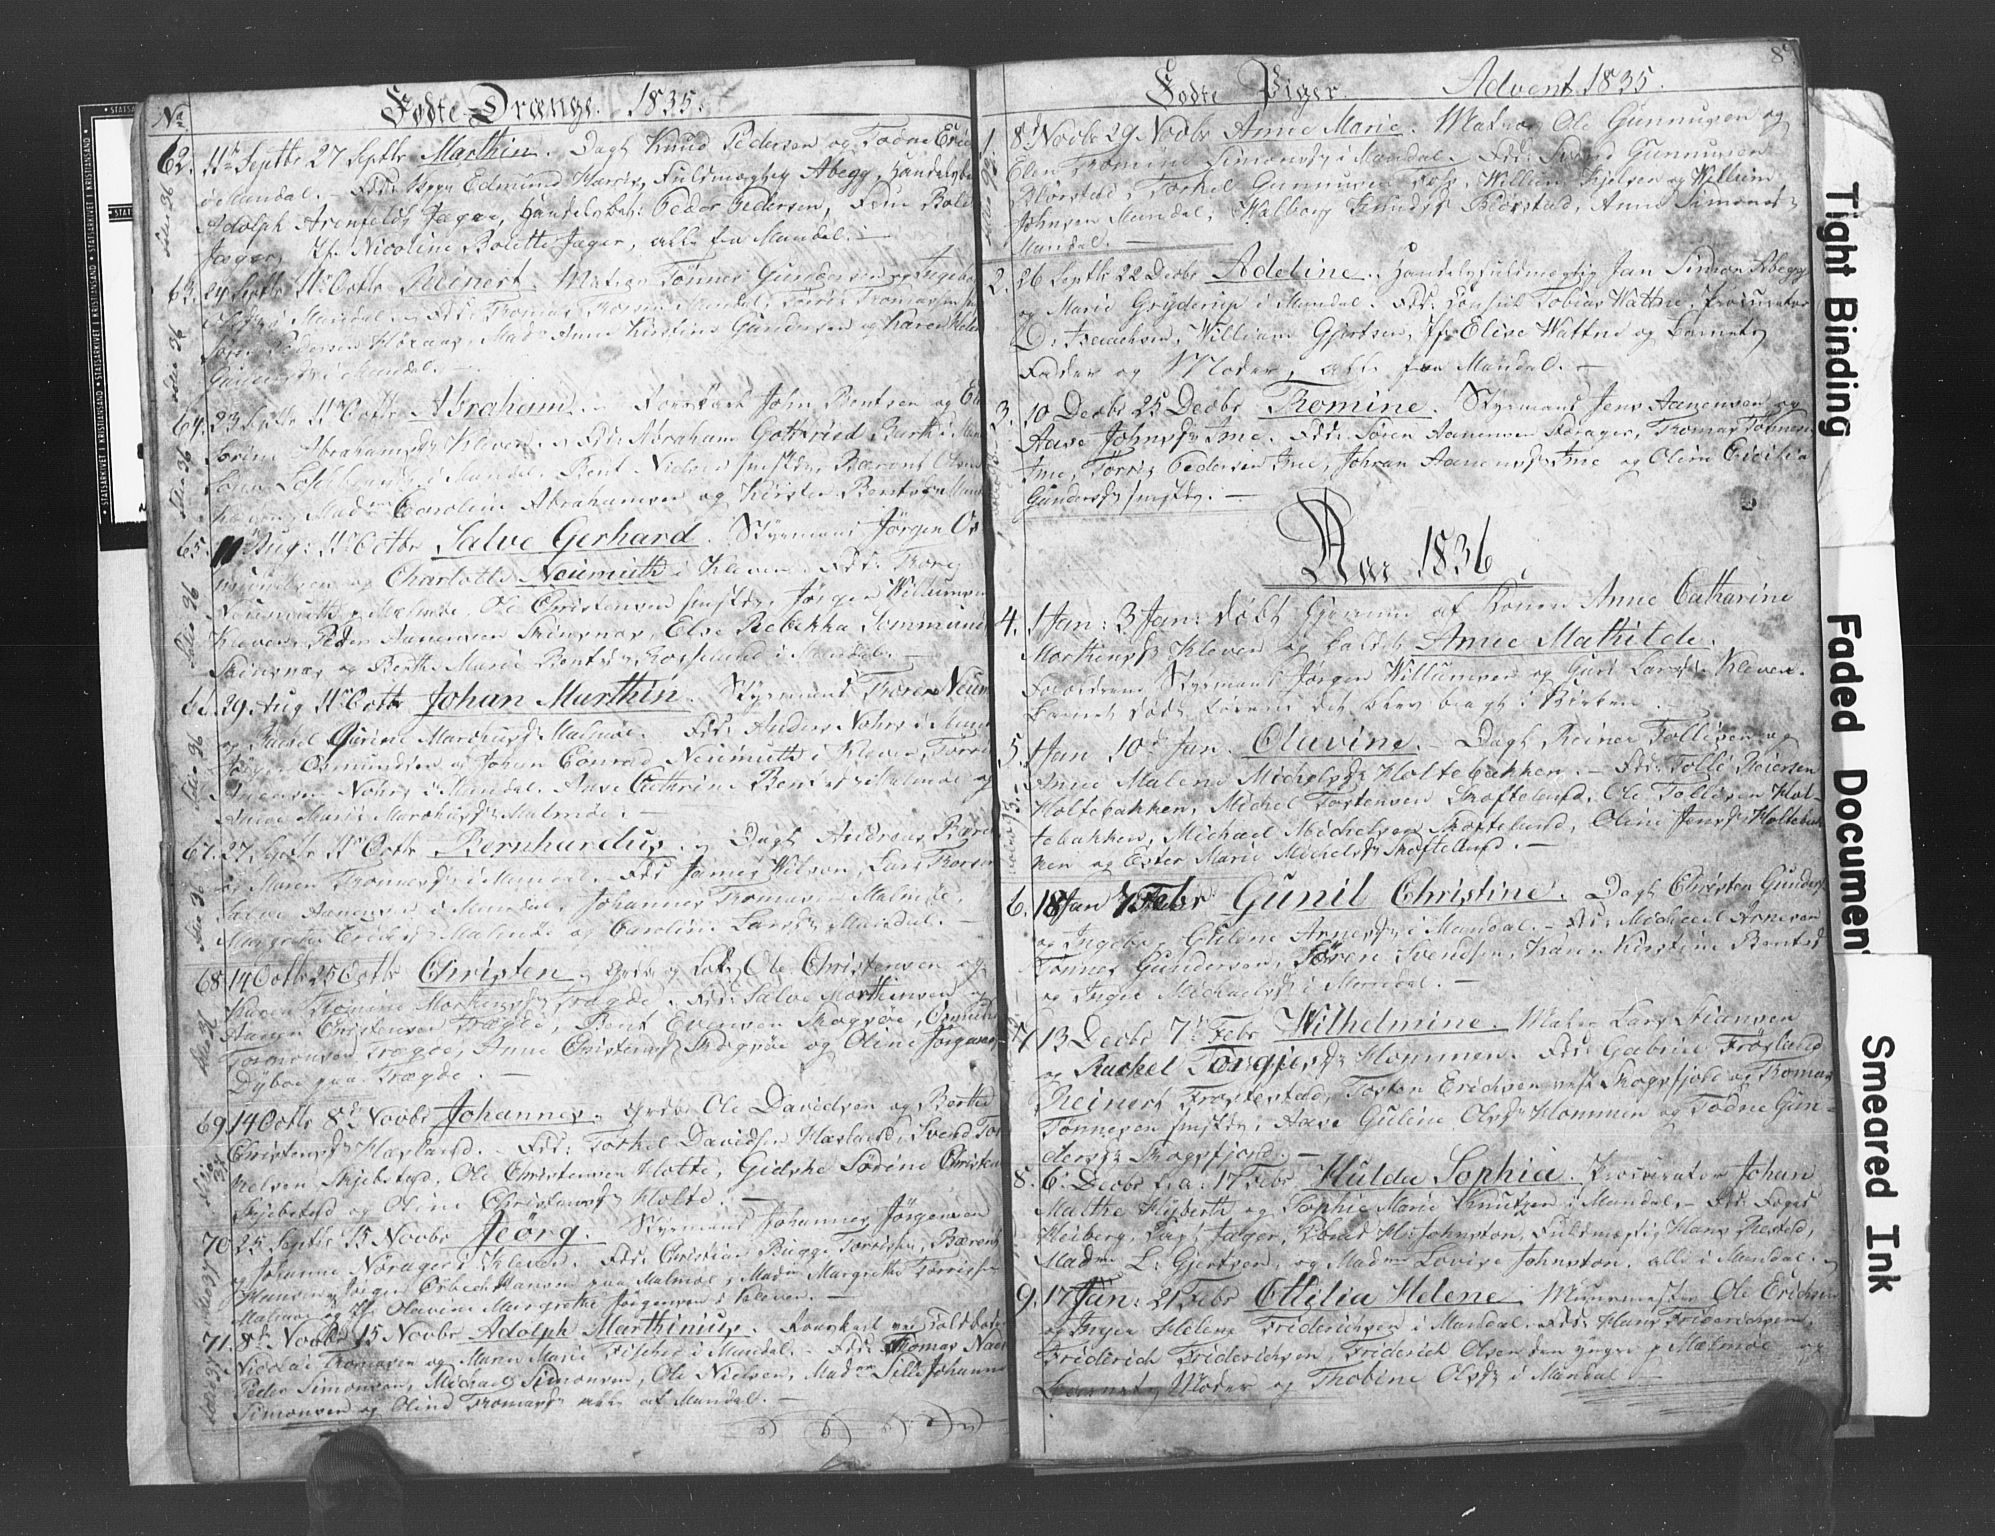 SAK, Mandal sokneprestkontor, F/Fb/Fba/L0003: Klokkerbok nr. B 1C, 1834-1838, s. 8